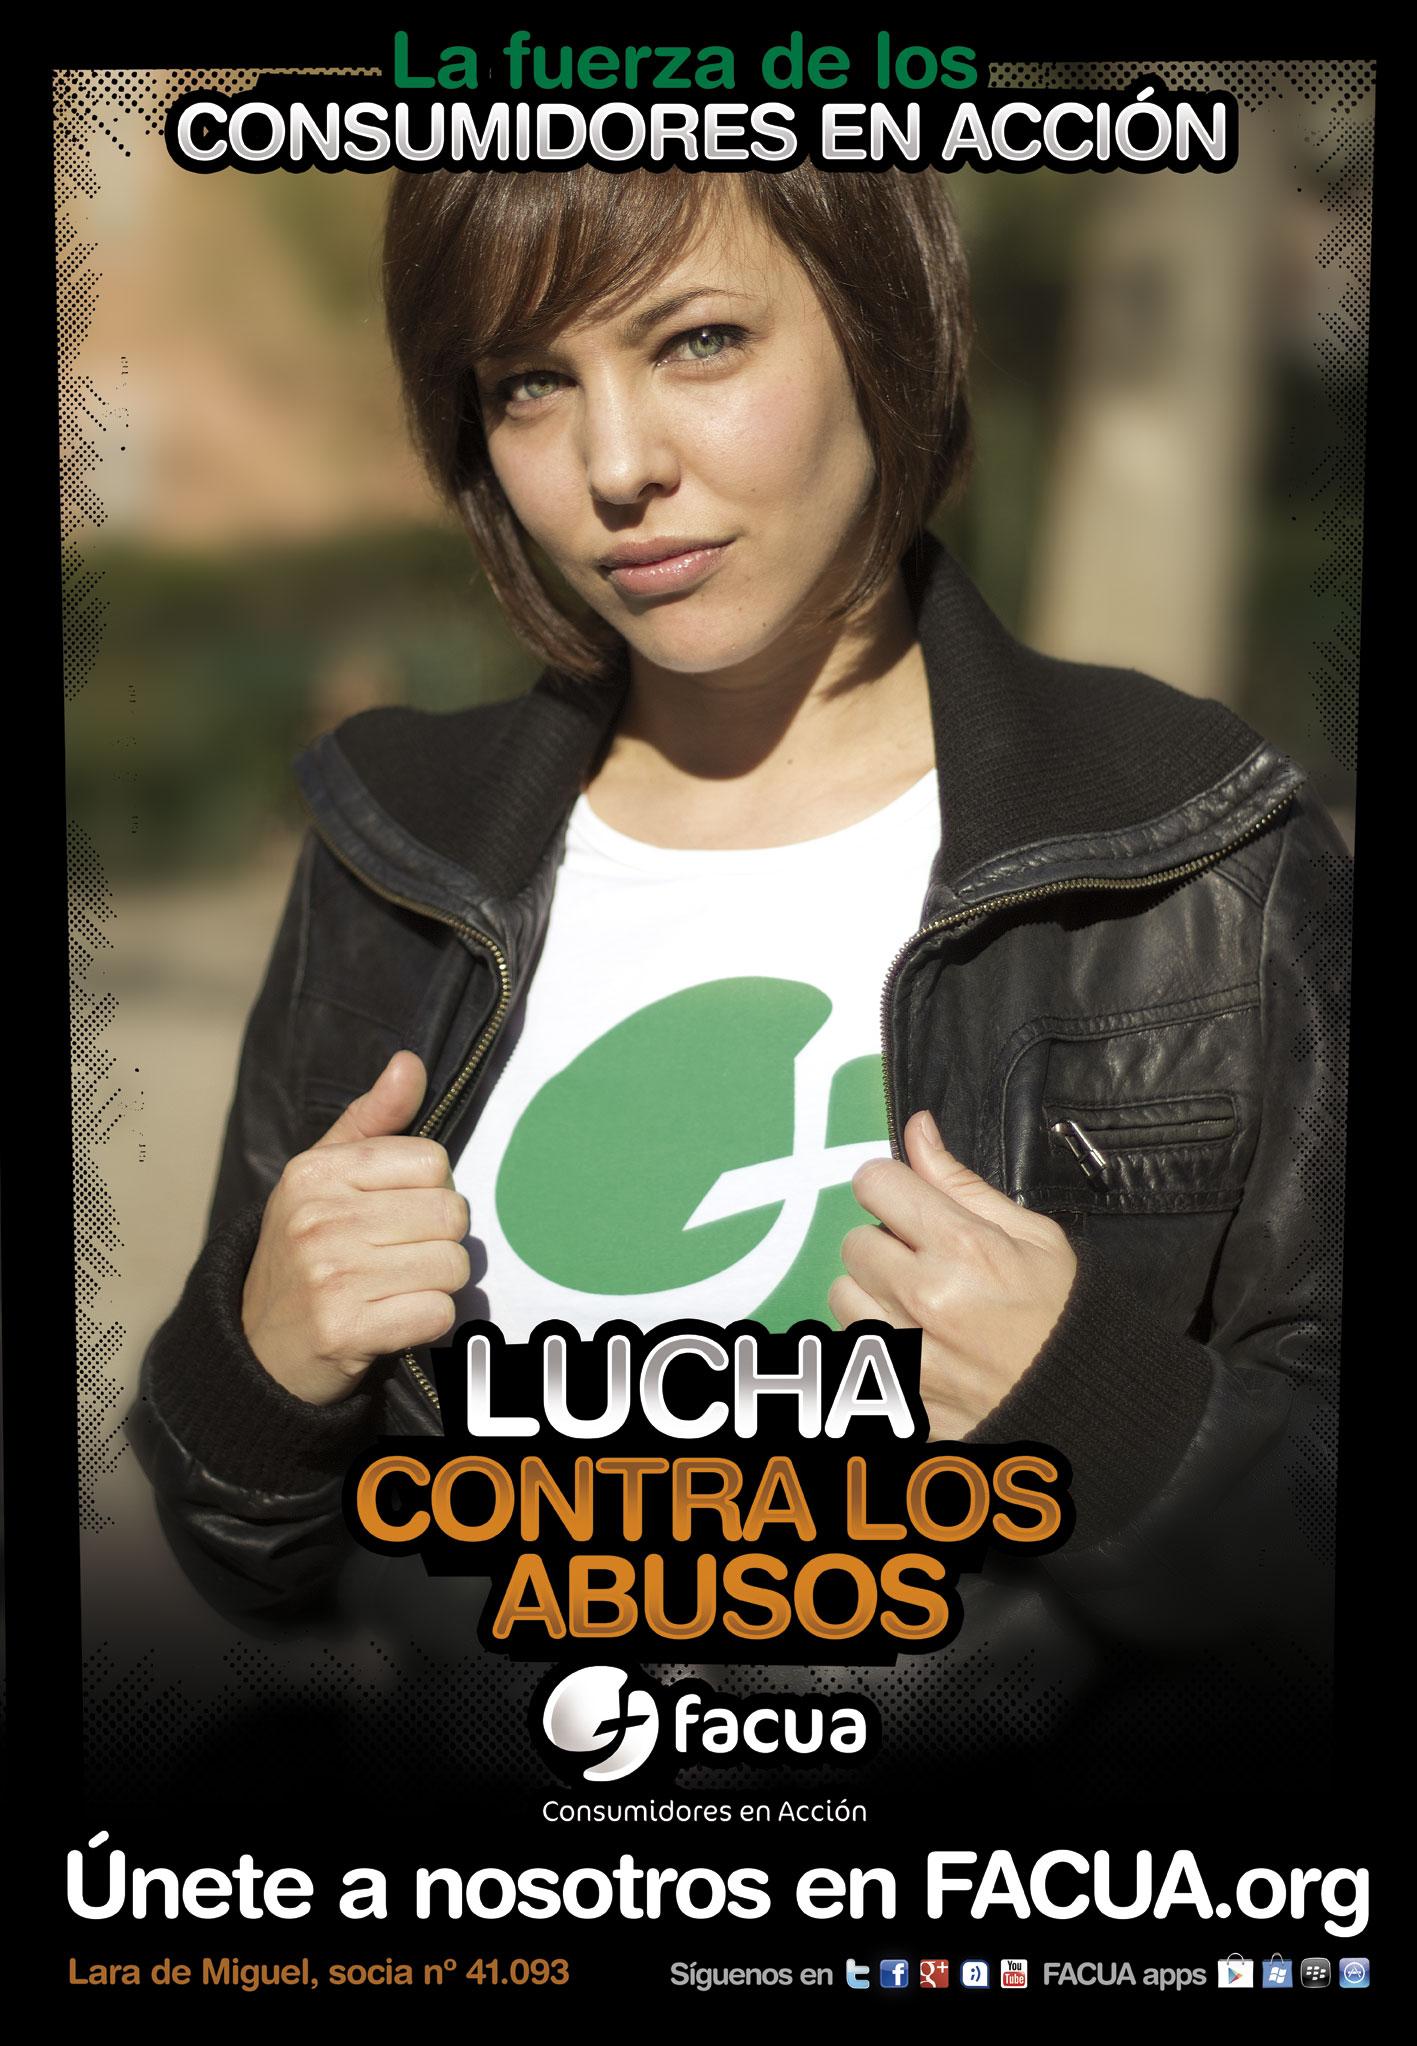 �Sabes que Lara de Miguel es socia de FACUA? Es uno de los #consumidoresenacci�n